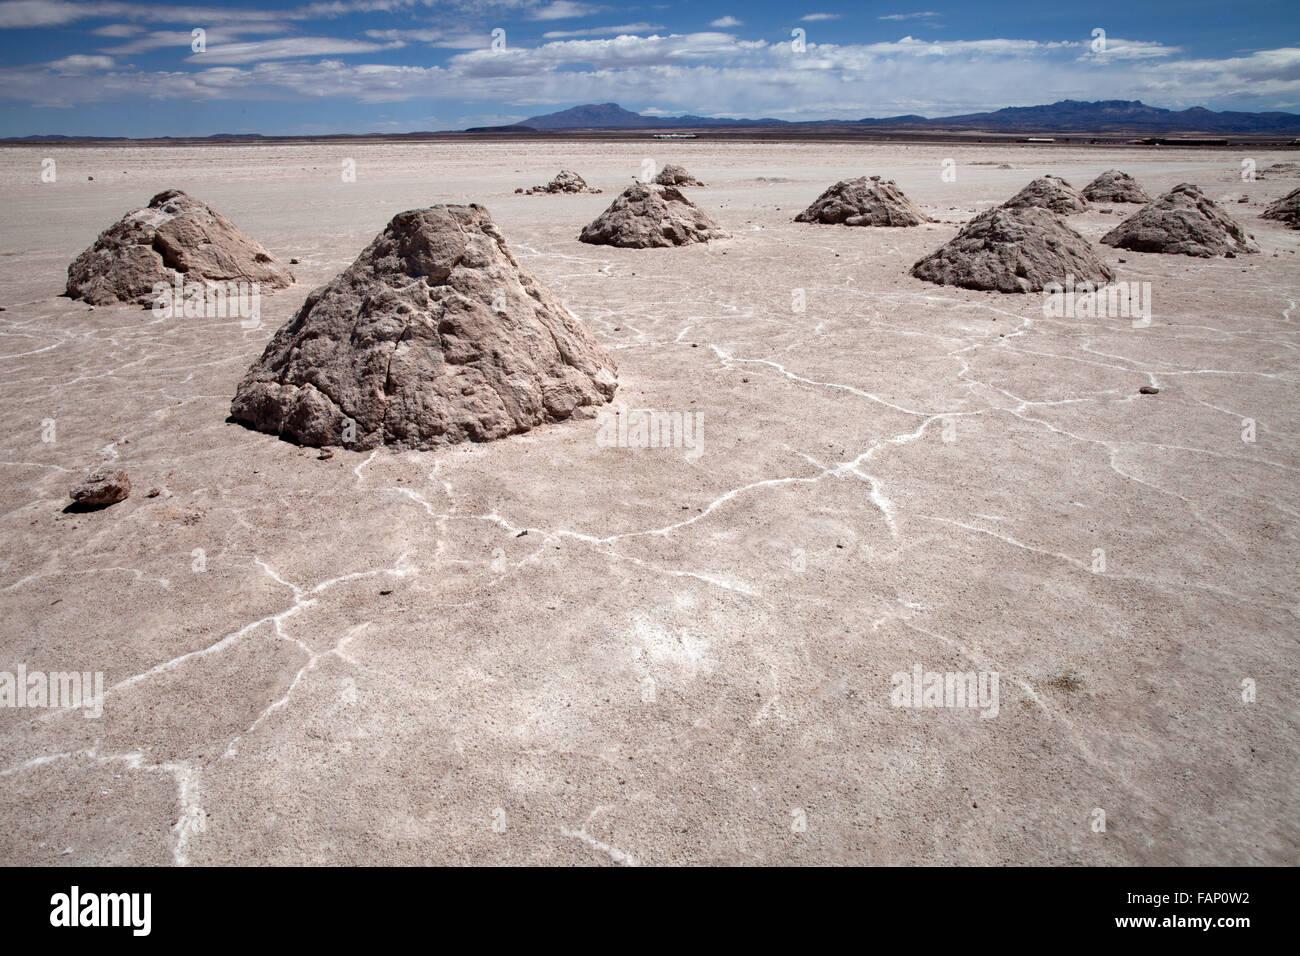 Los montones de sal en el Salar de Uyuni (Salar de Uyuni) en Bolivia Imagen De Stock